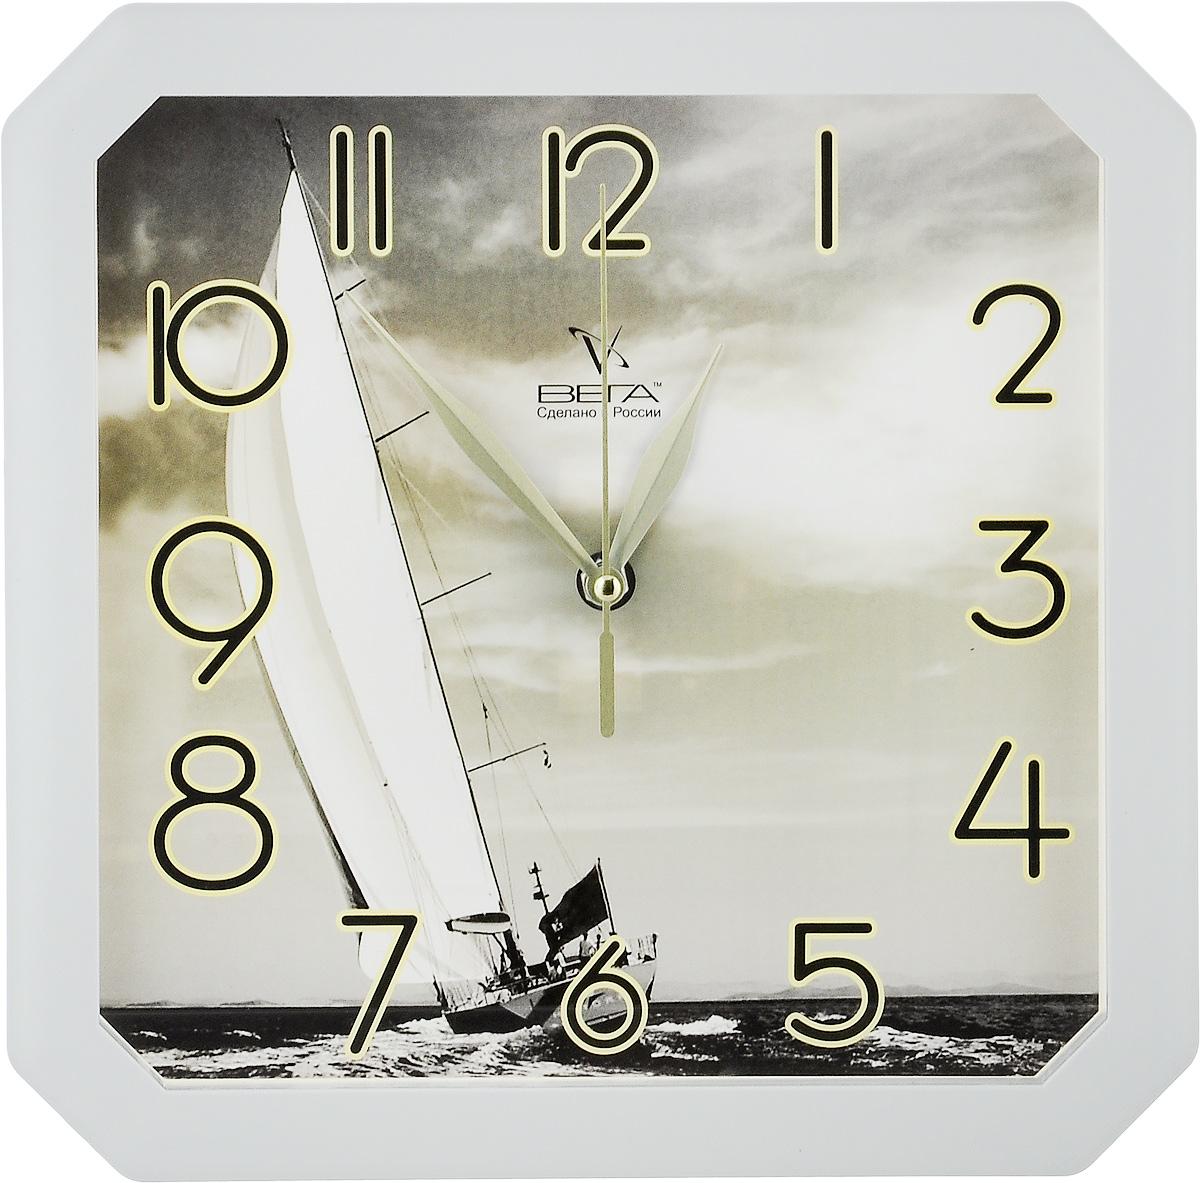 Часы настенные Вега Яхта, 28 х 28 х 4 смП1-7/7-211Настенные кварцевые часы Вега Яхта, изготовленные из пластика, прекрасно впишутся в интерьер вашего дома. Часы имеют три стрелки: часовую, минутную и секундную, циферблат защищен прозрачным стеклом. Часы работают от 1 батарейки типа АА напряжением 1,5 В (не входит в комплект).